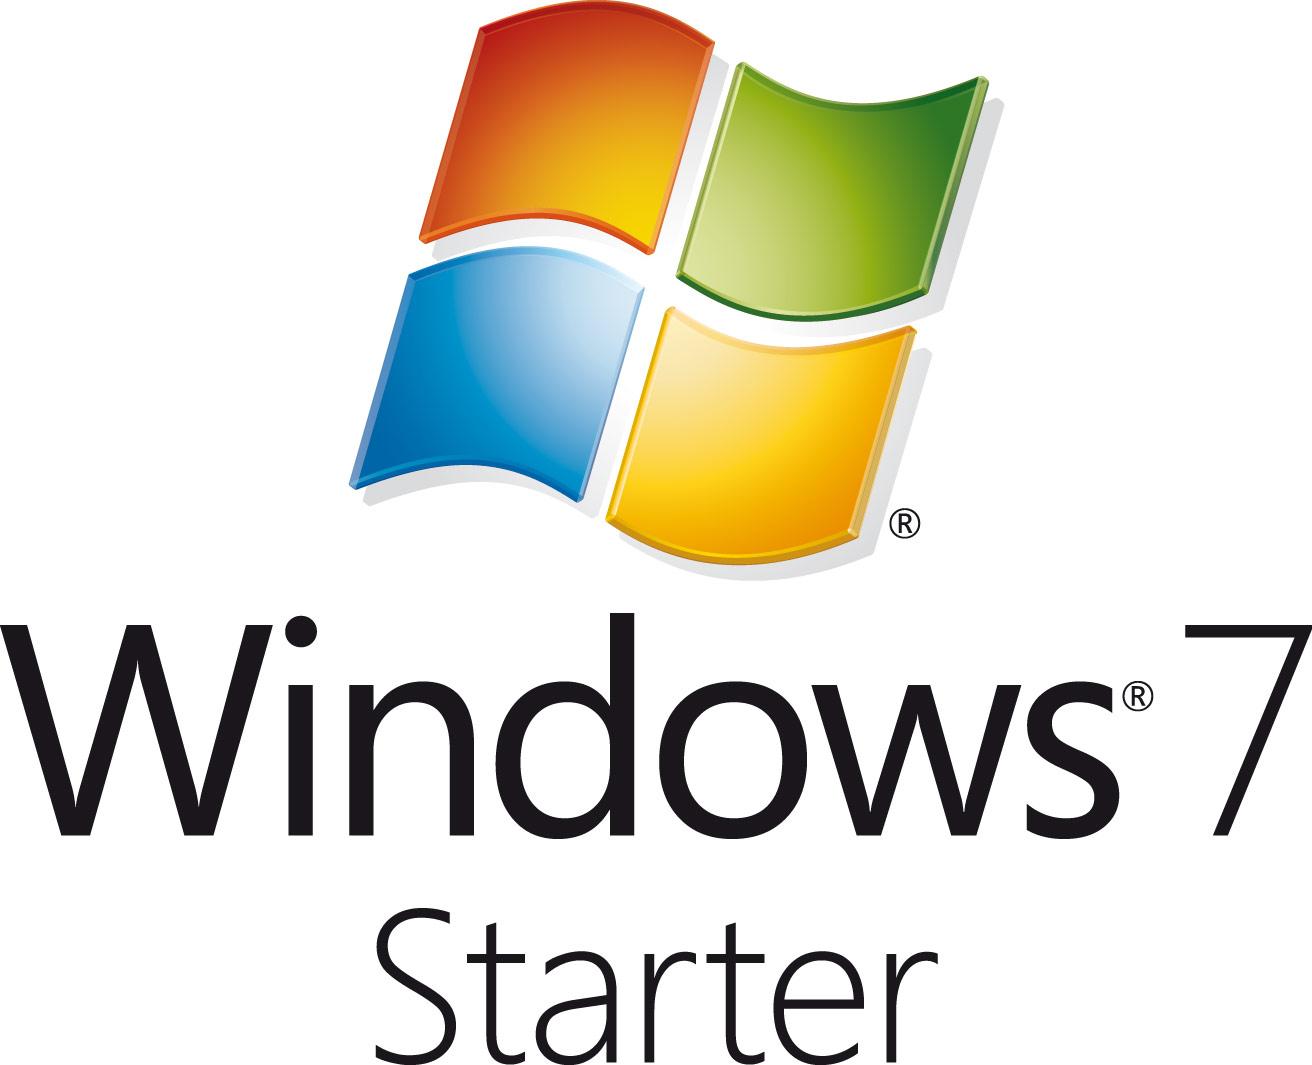 http://4.bp.blogspot.com/-SK91BiJdqvk/T5gDK6dCPTI/AAAAAAAAAes/HwSIyXtCeGs/s1600/Windows7-Starter_v_c.jpg